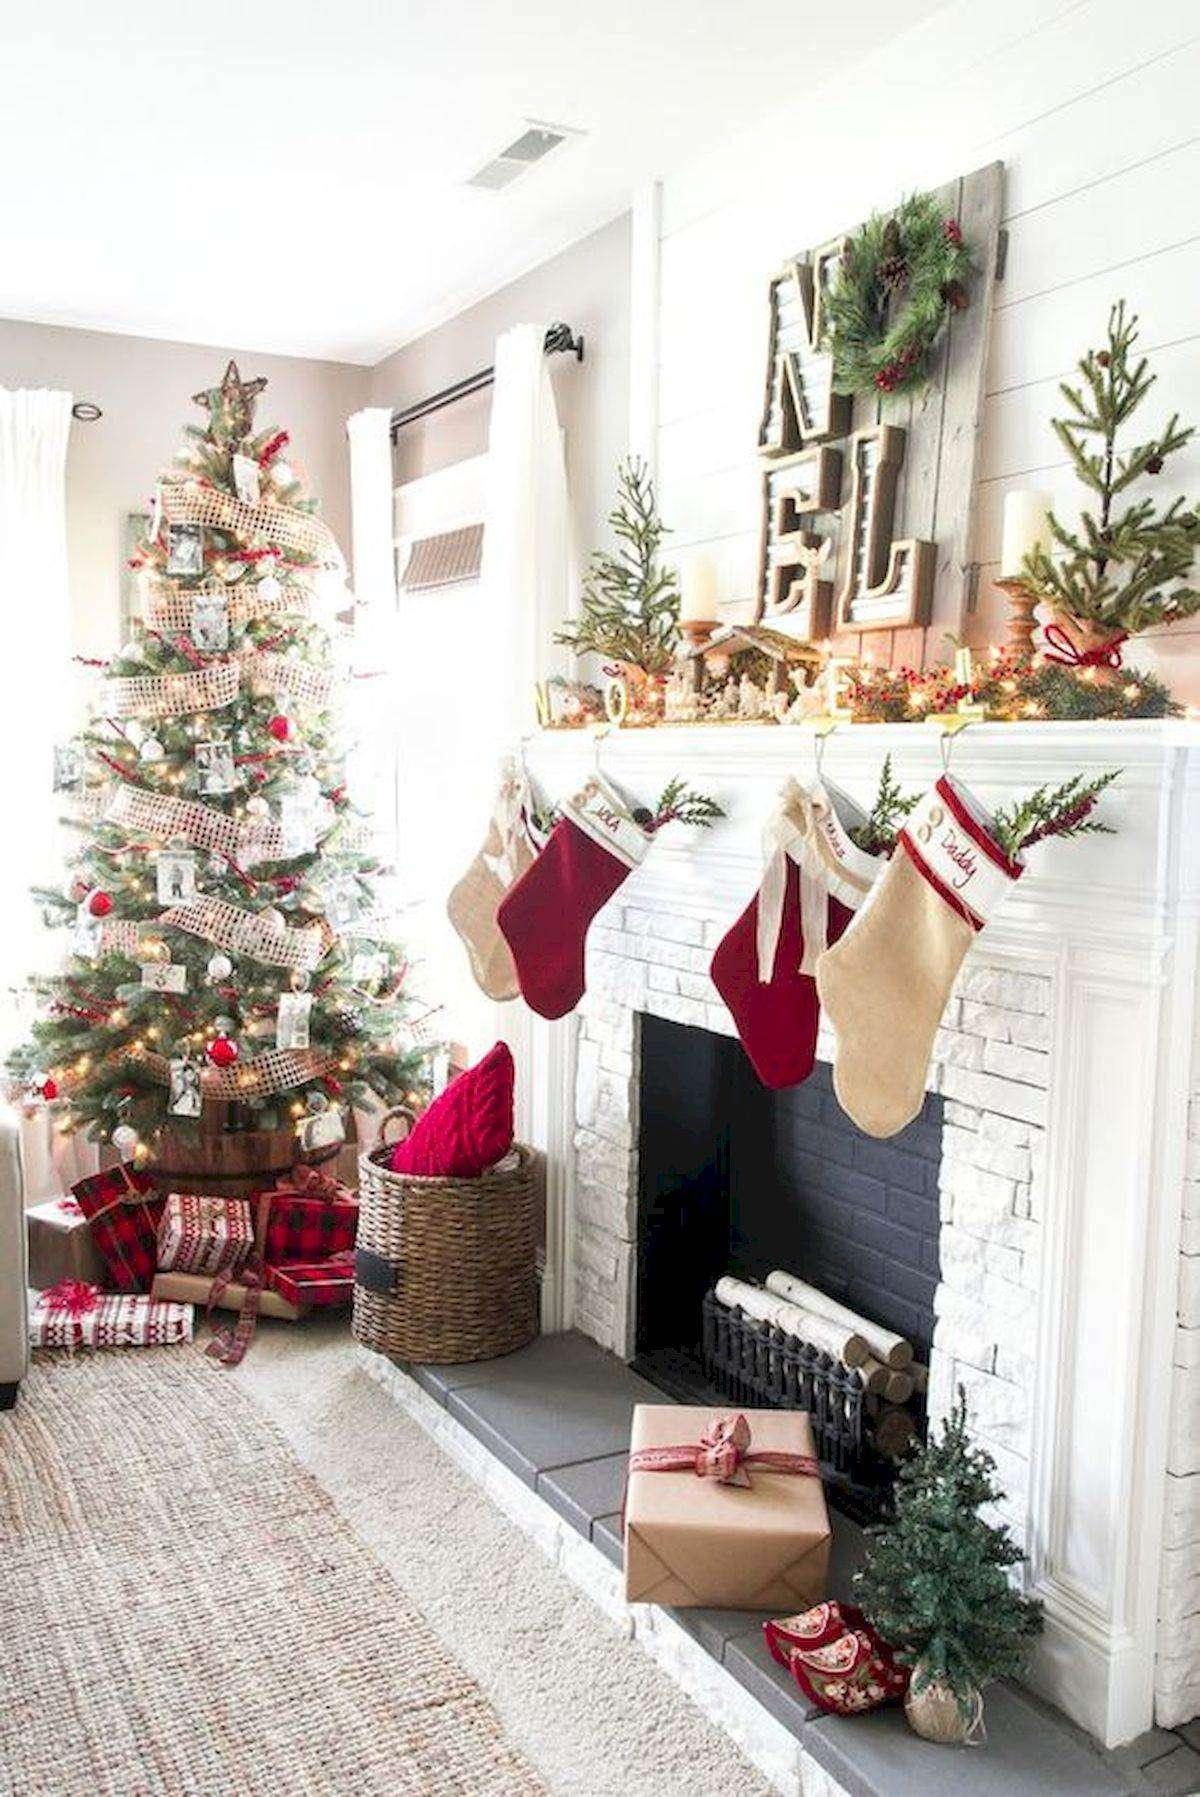 decoración de Navidad - chimeneas